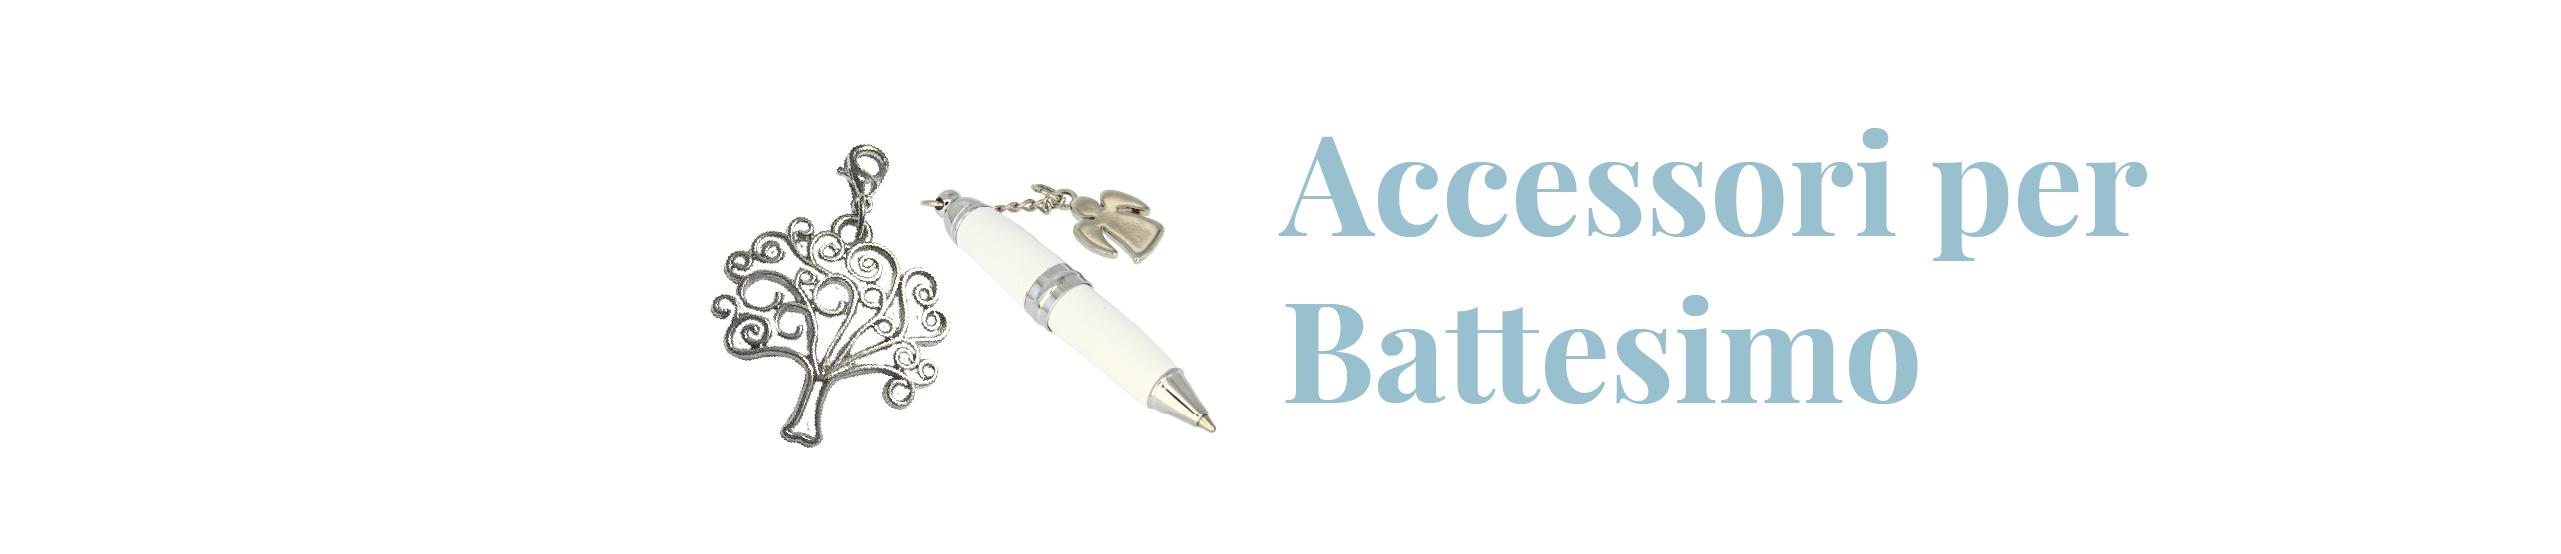 Accessori per battesimo